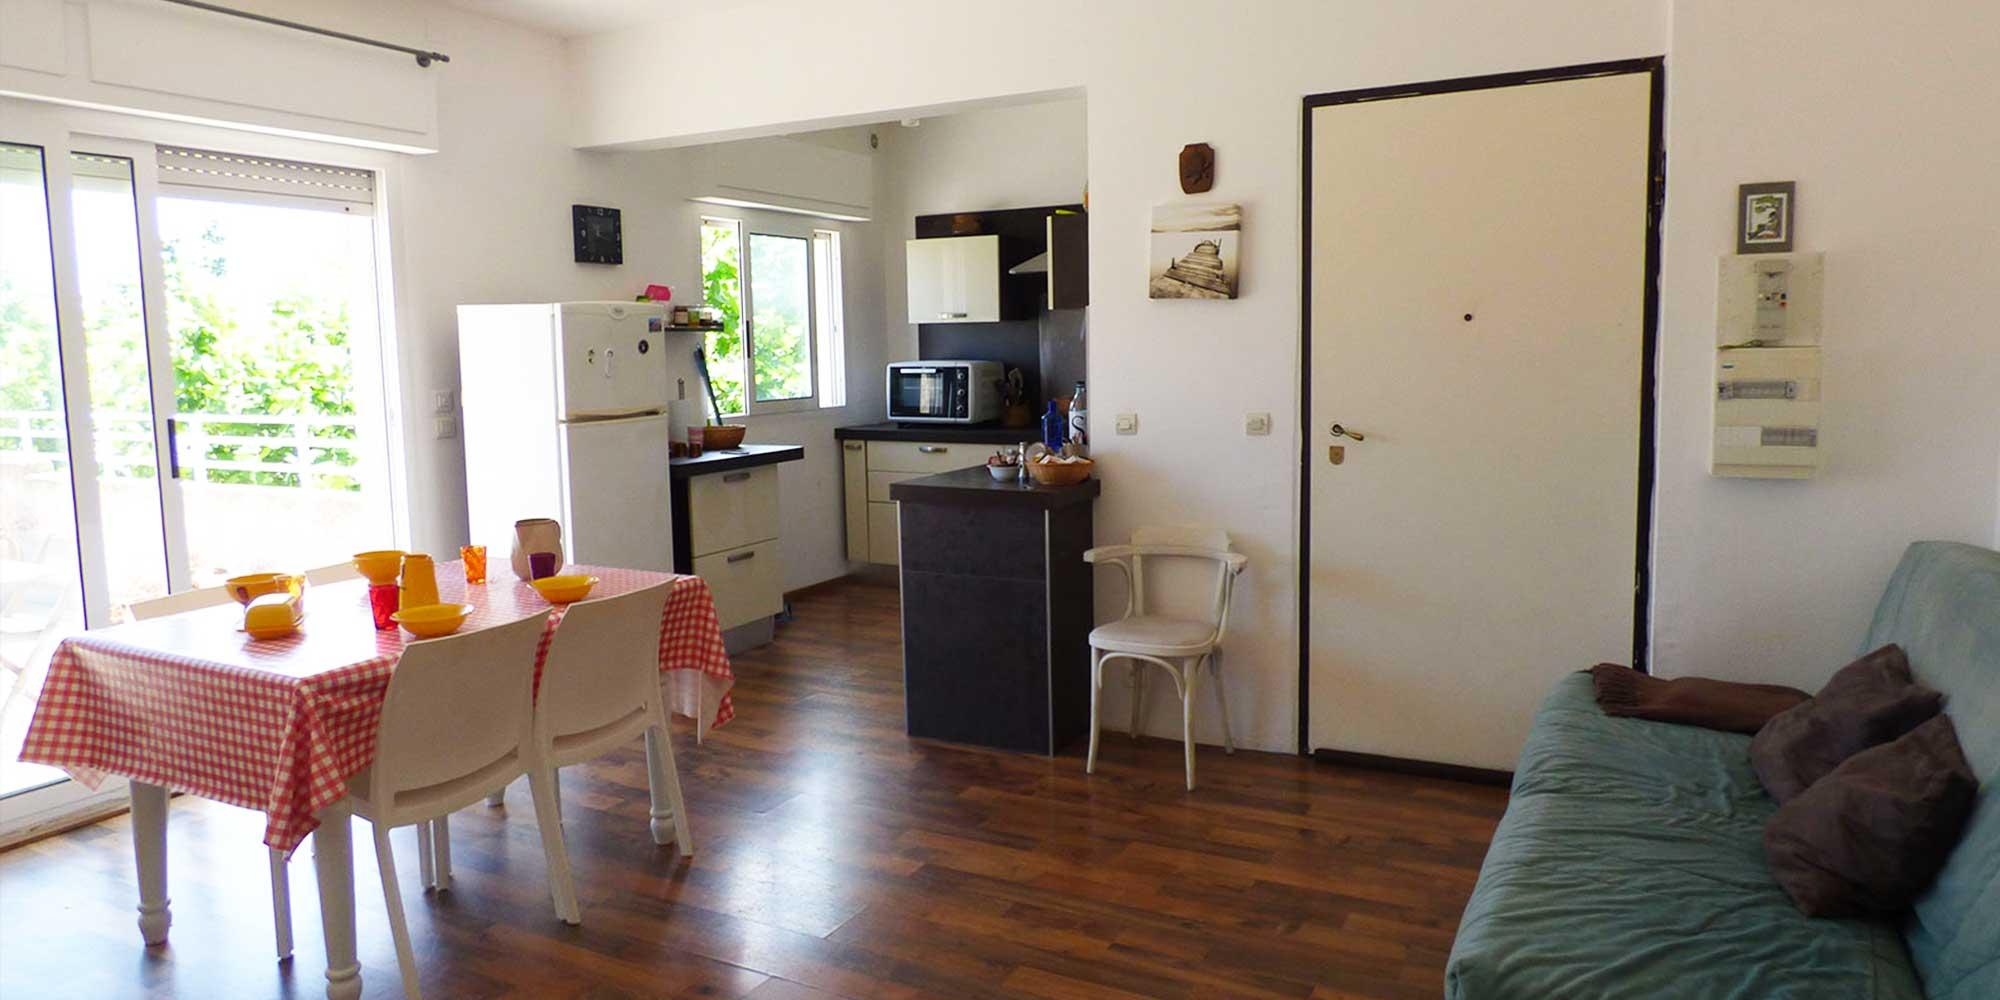 Ferienwohnungen und Ferienhäuser in Santa Severa (Luri) Nordkorsika ...